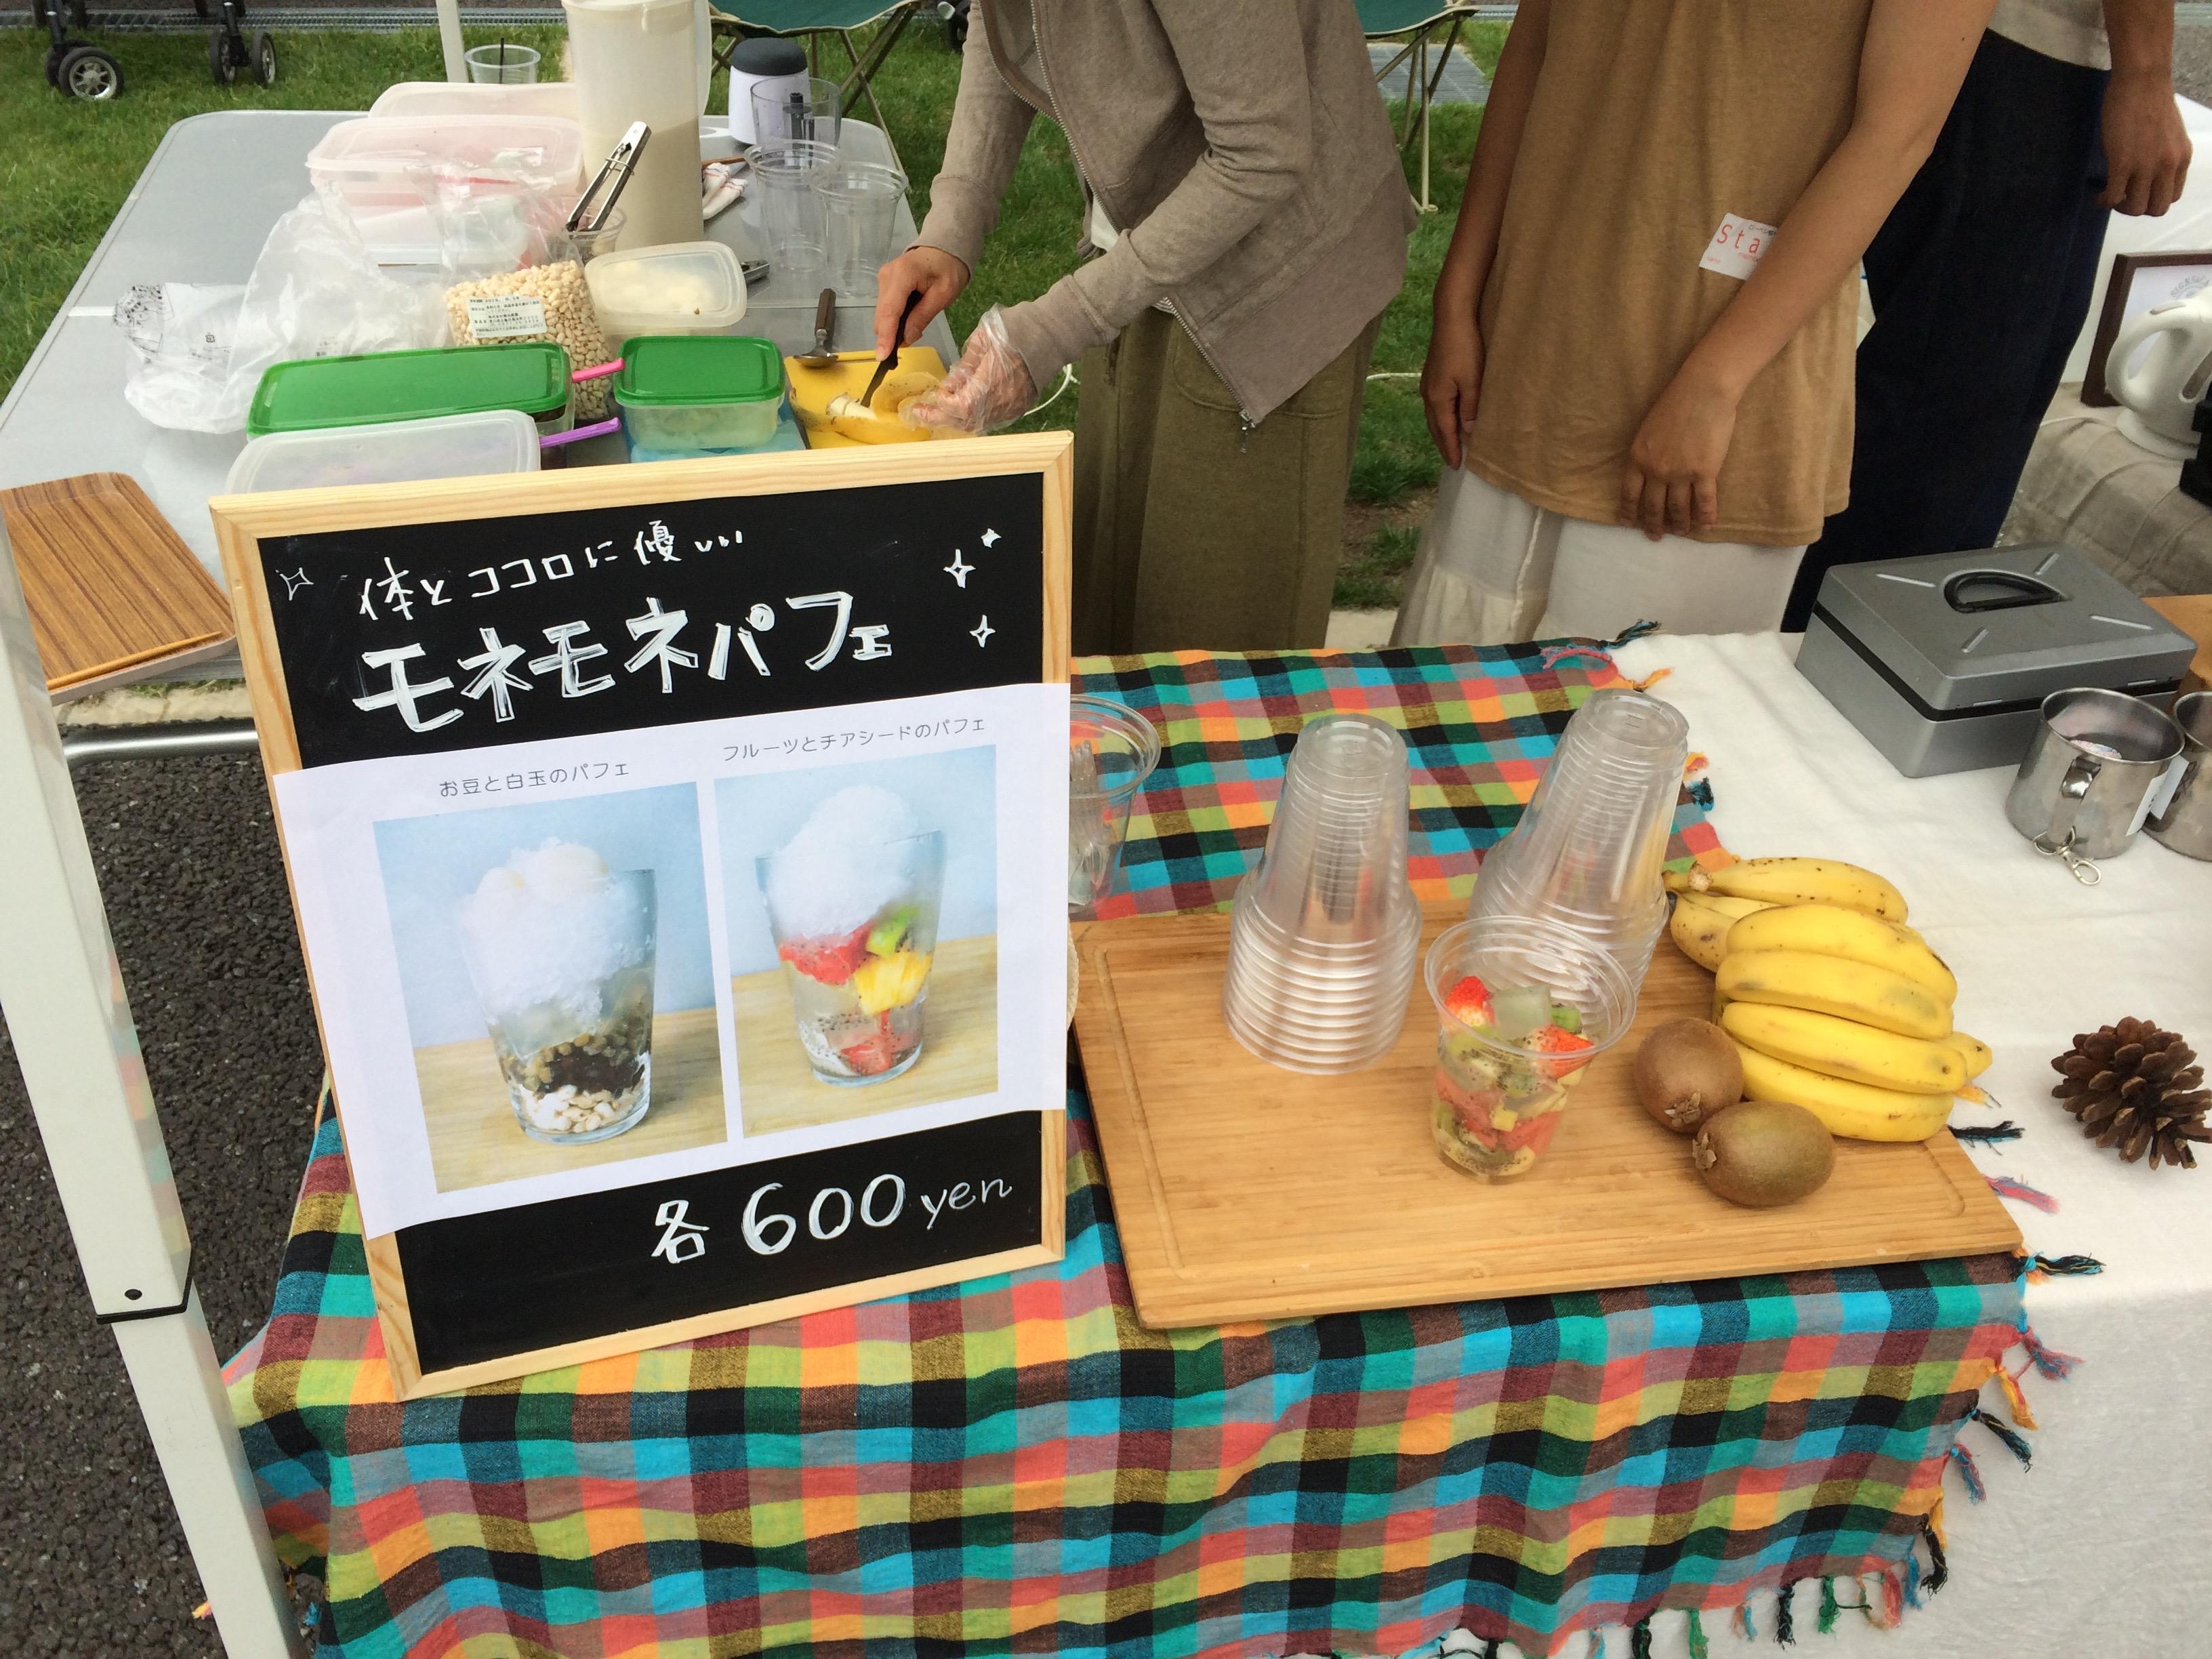 Osakaローベジ祭り2015summerモネモネカフェ出店ブース